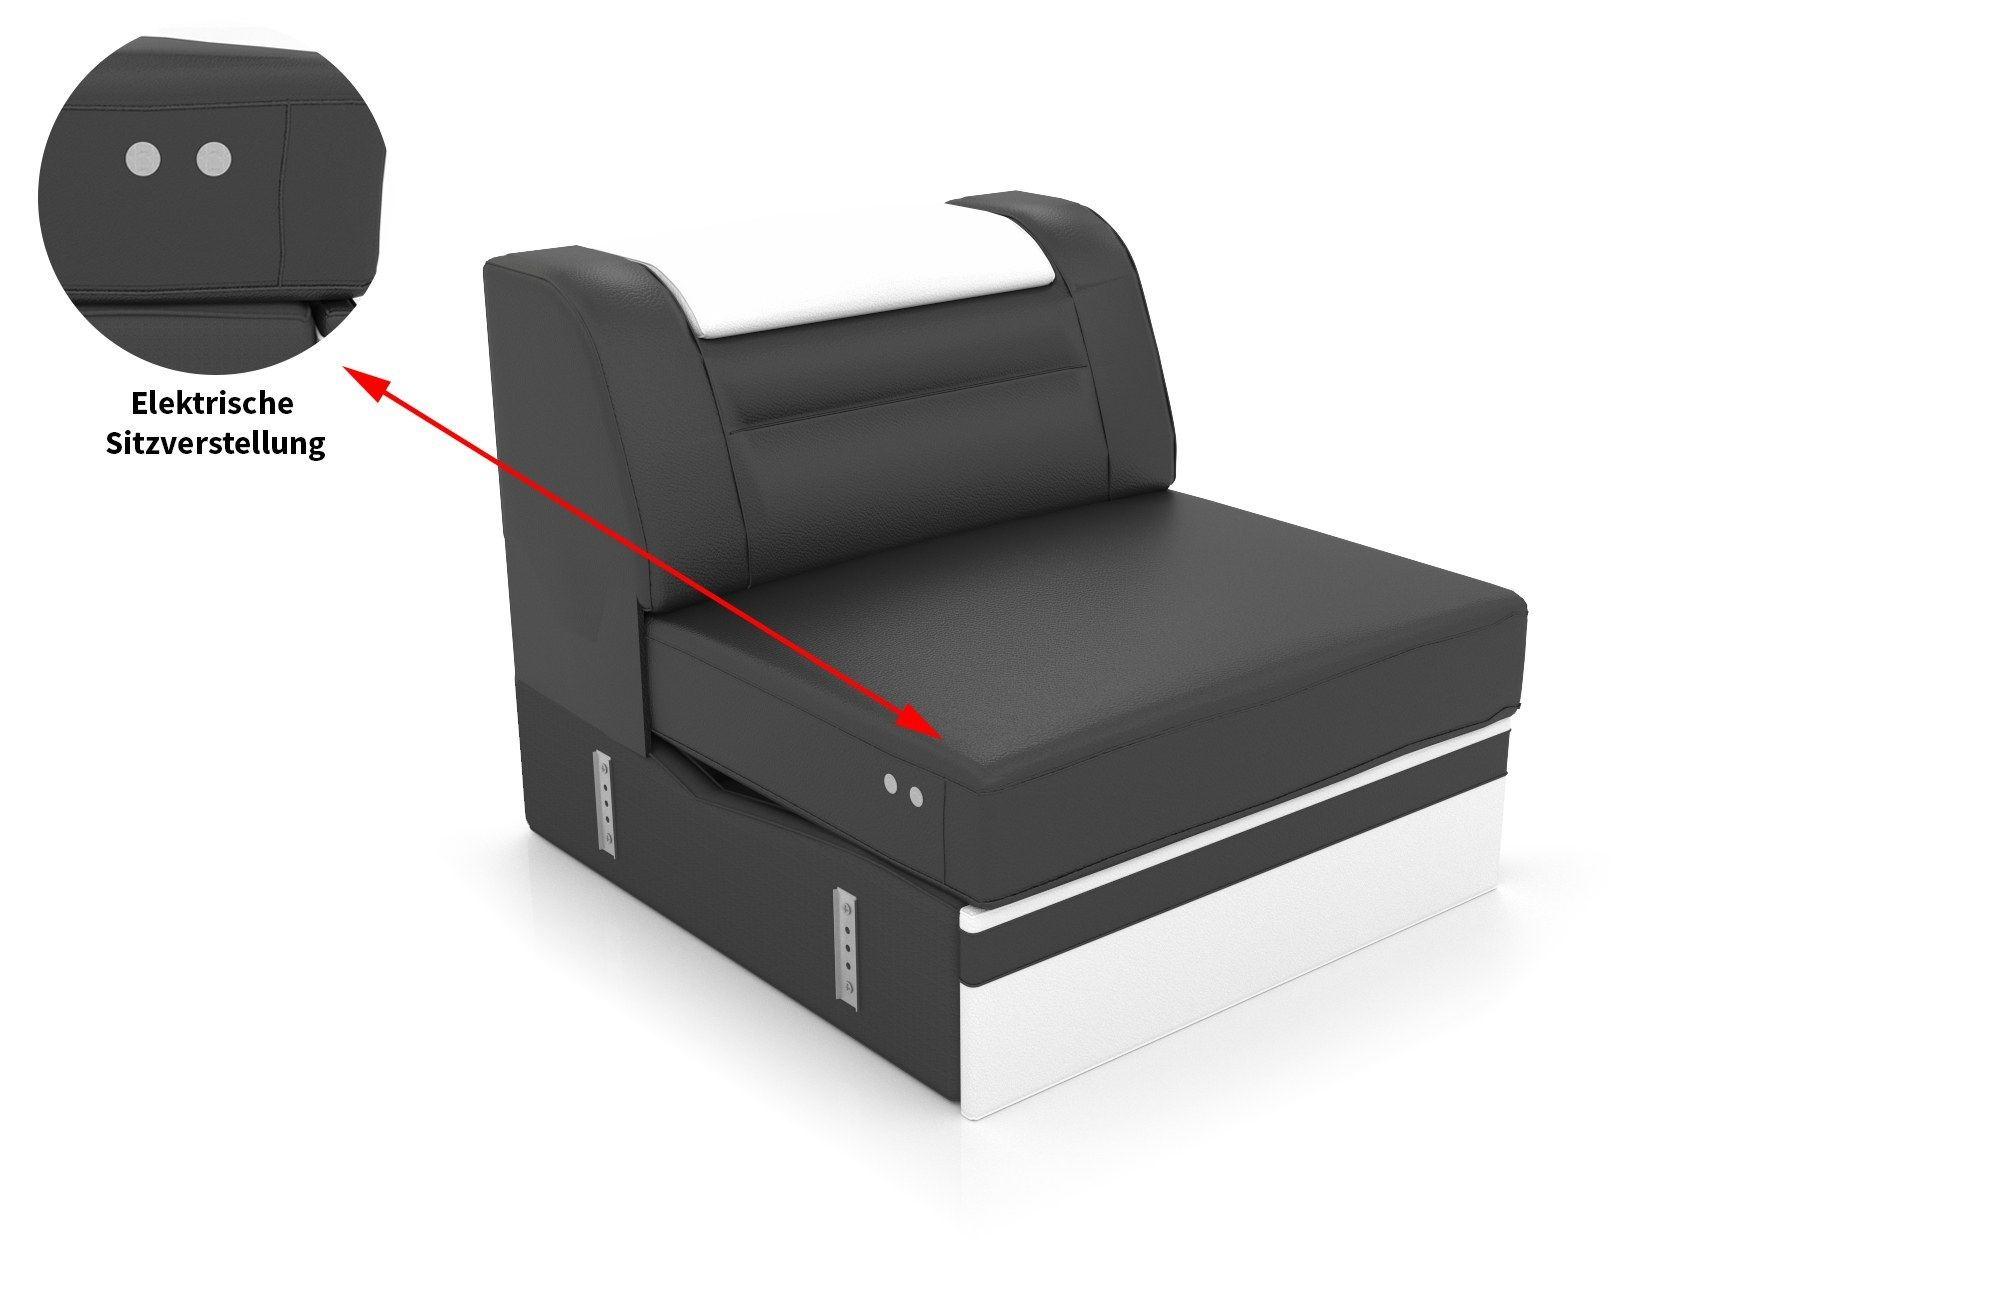 Full Size of Sofa Elektrische Sitztiefenverstellung Was Tun Wenn Elektrisch Aufgeladen Couch Geladen Durch Mein Ist Stoff Mit Elektrischer Statisch Verstellbar Sofa Sofa Elektrisch